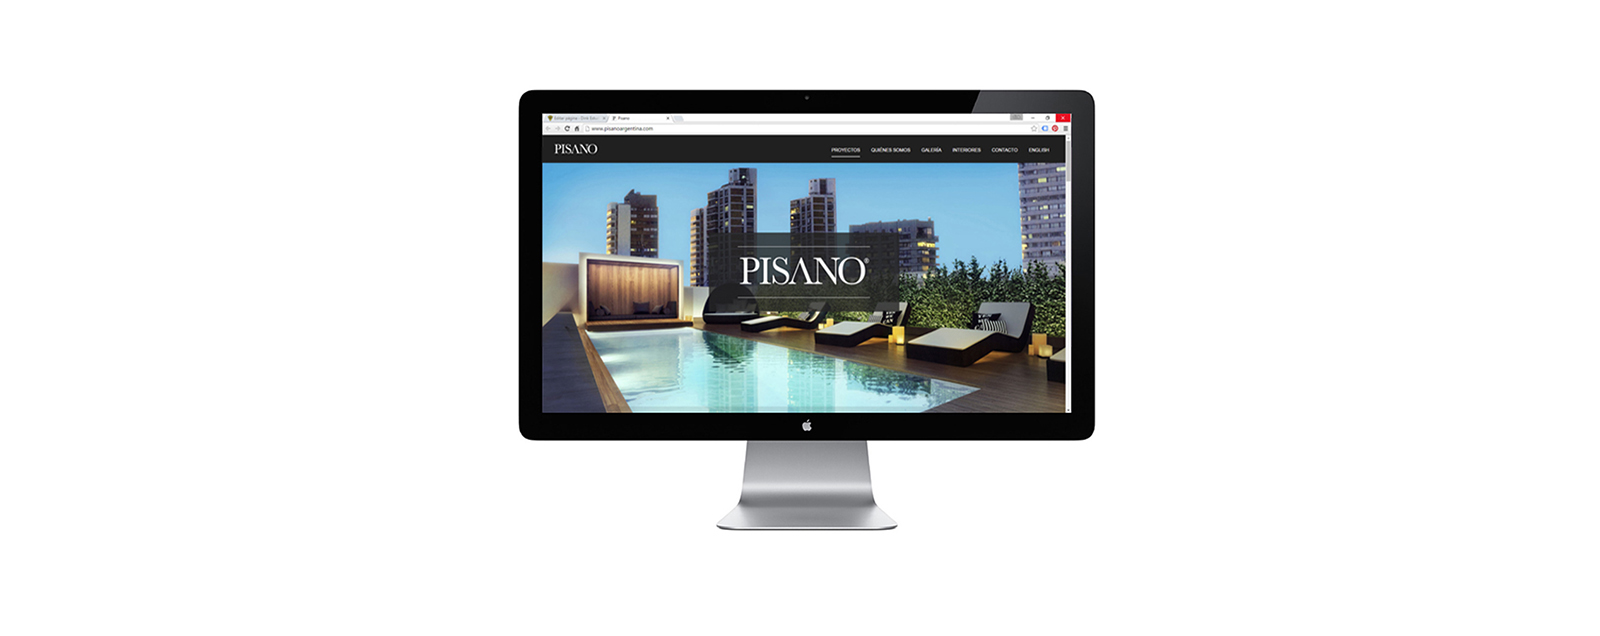 desarrollo-web-pisano-arquitectura-dink-estudio-de-diseno